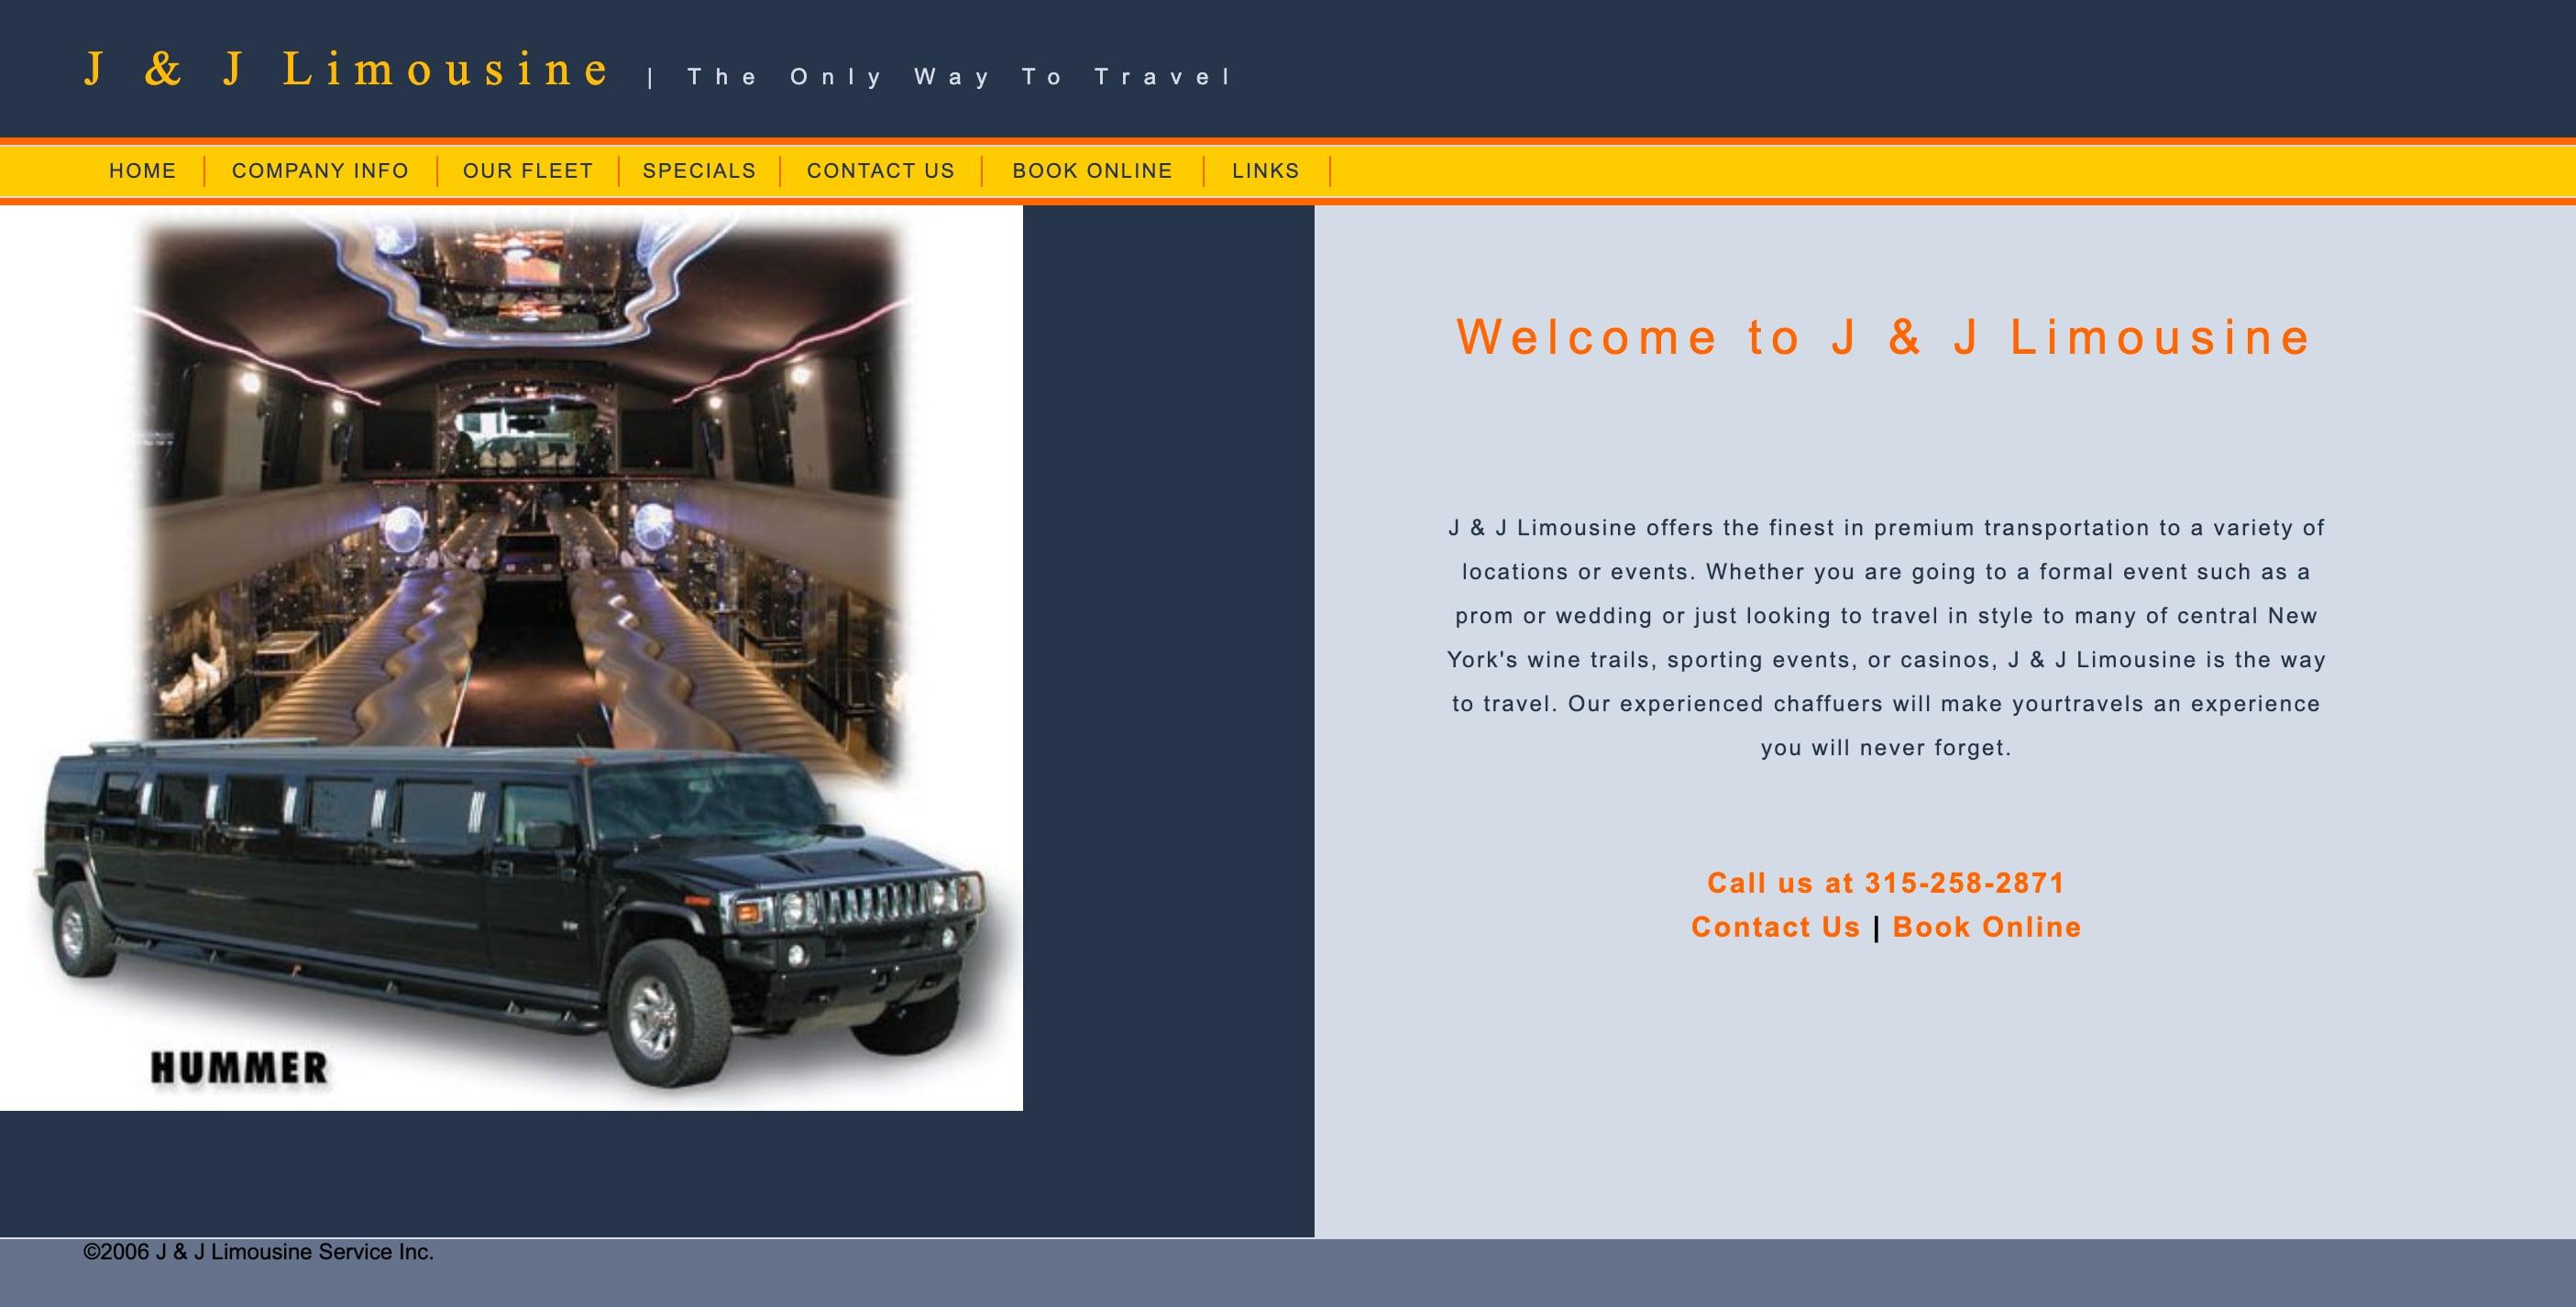 JJ Limo website screenshot